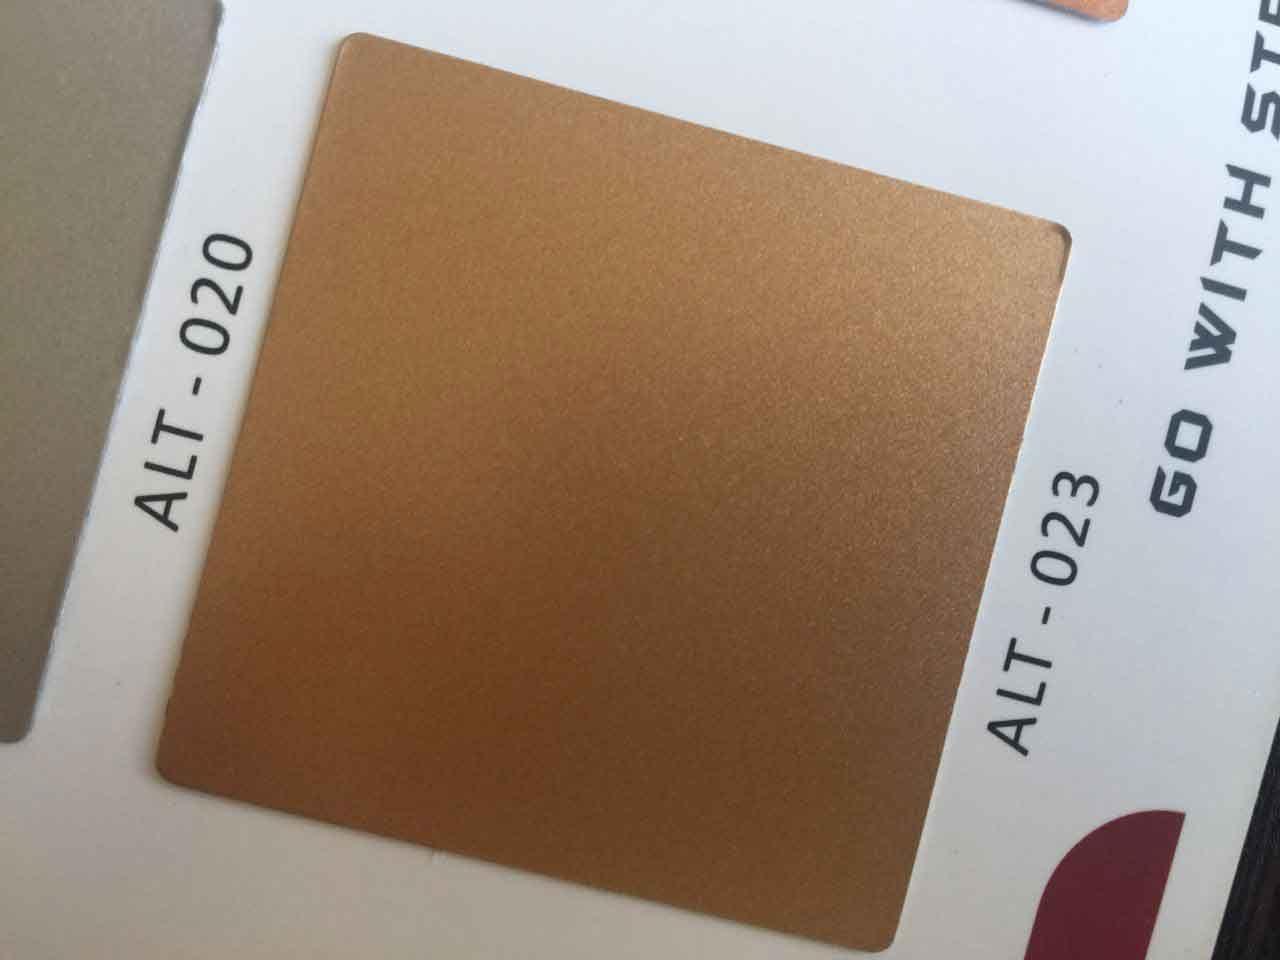 ورق کامپوزیت رنگ مسی آلوتک با کد ALT-023